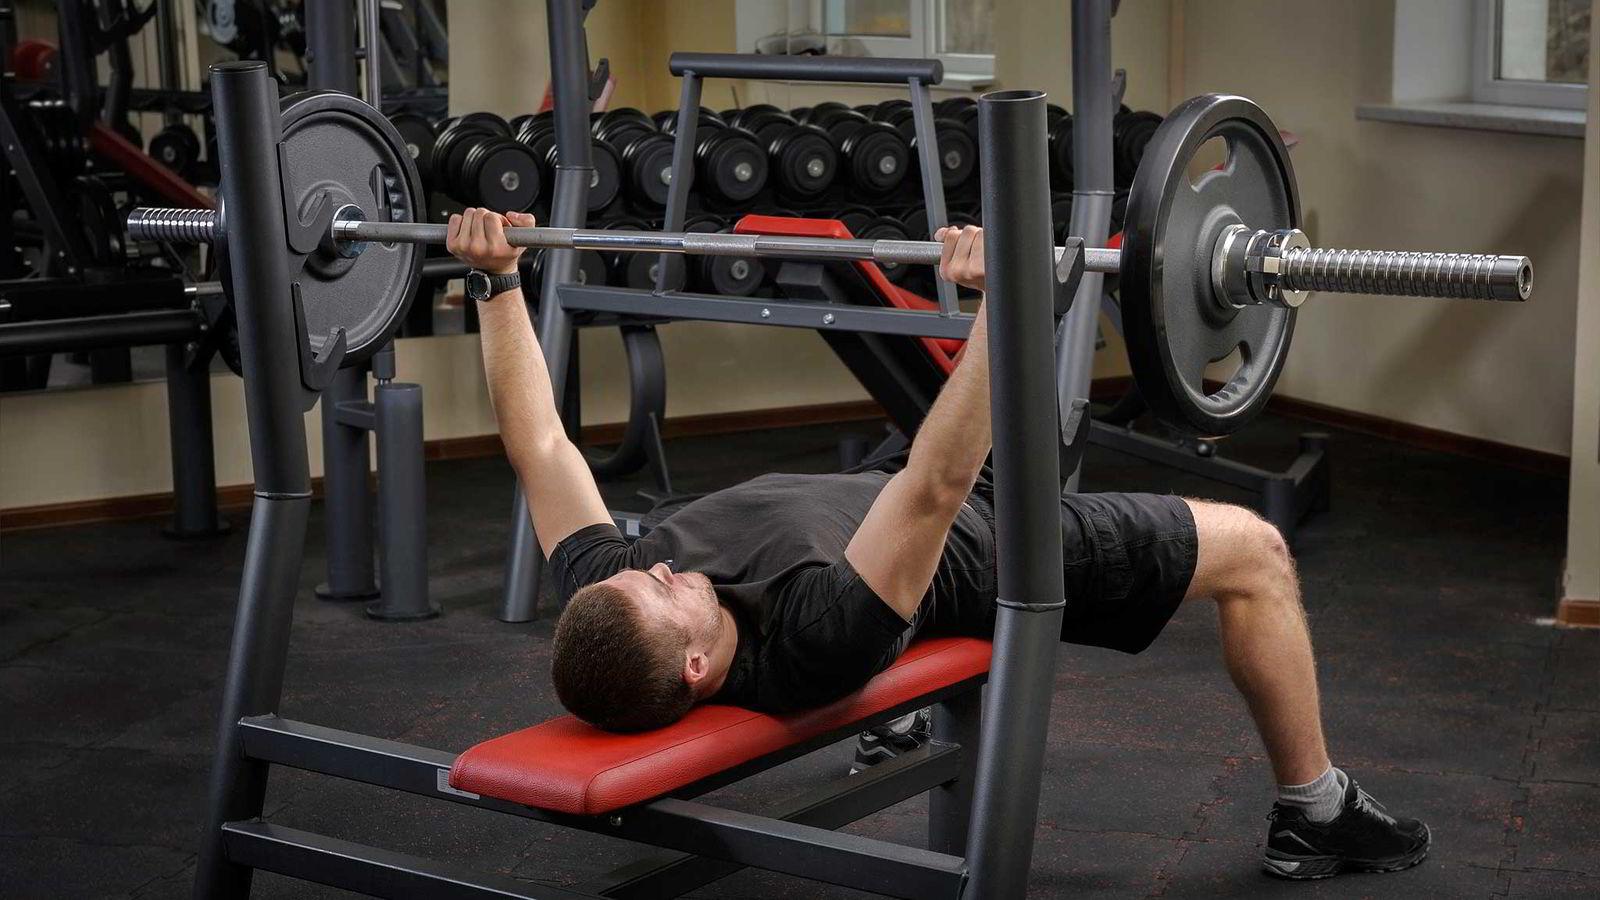 Forskere har sett at pauser på tre minutter har god effelt på treningsresultater.